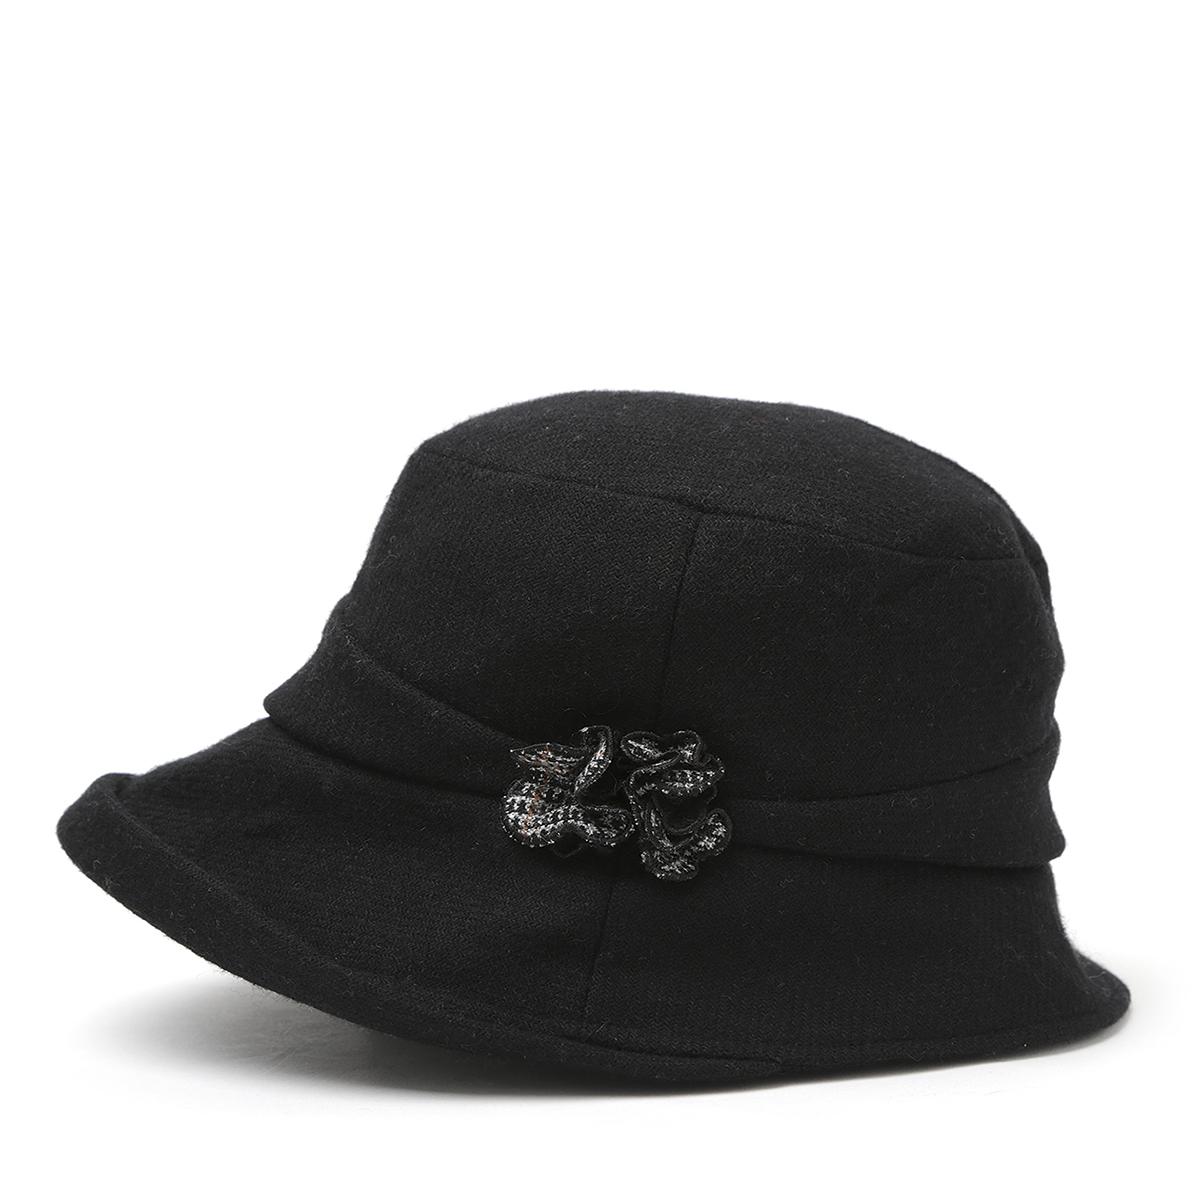 アンテプリマ/ファッショングッズ/帽子 【ANTEPRIMA公式】アンテプリマ/フィオーリエッジアップクロッシェ/ブラック/ANTEPRIMA/E4AN183950/BLACK